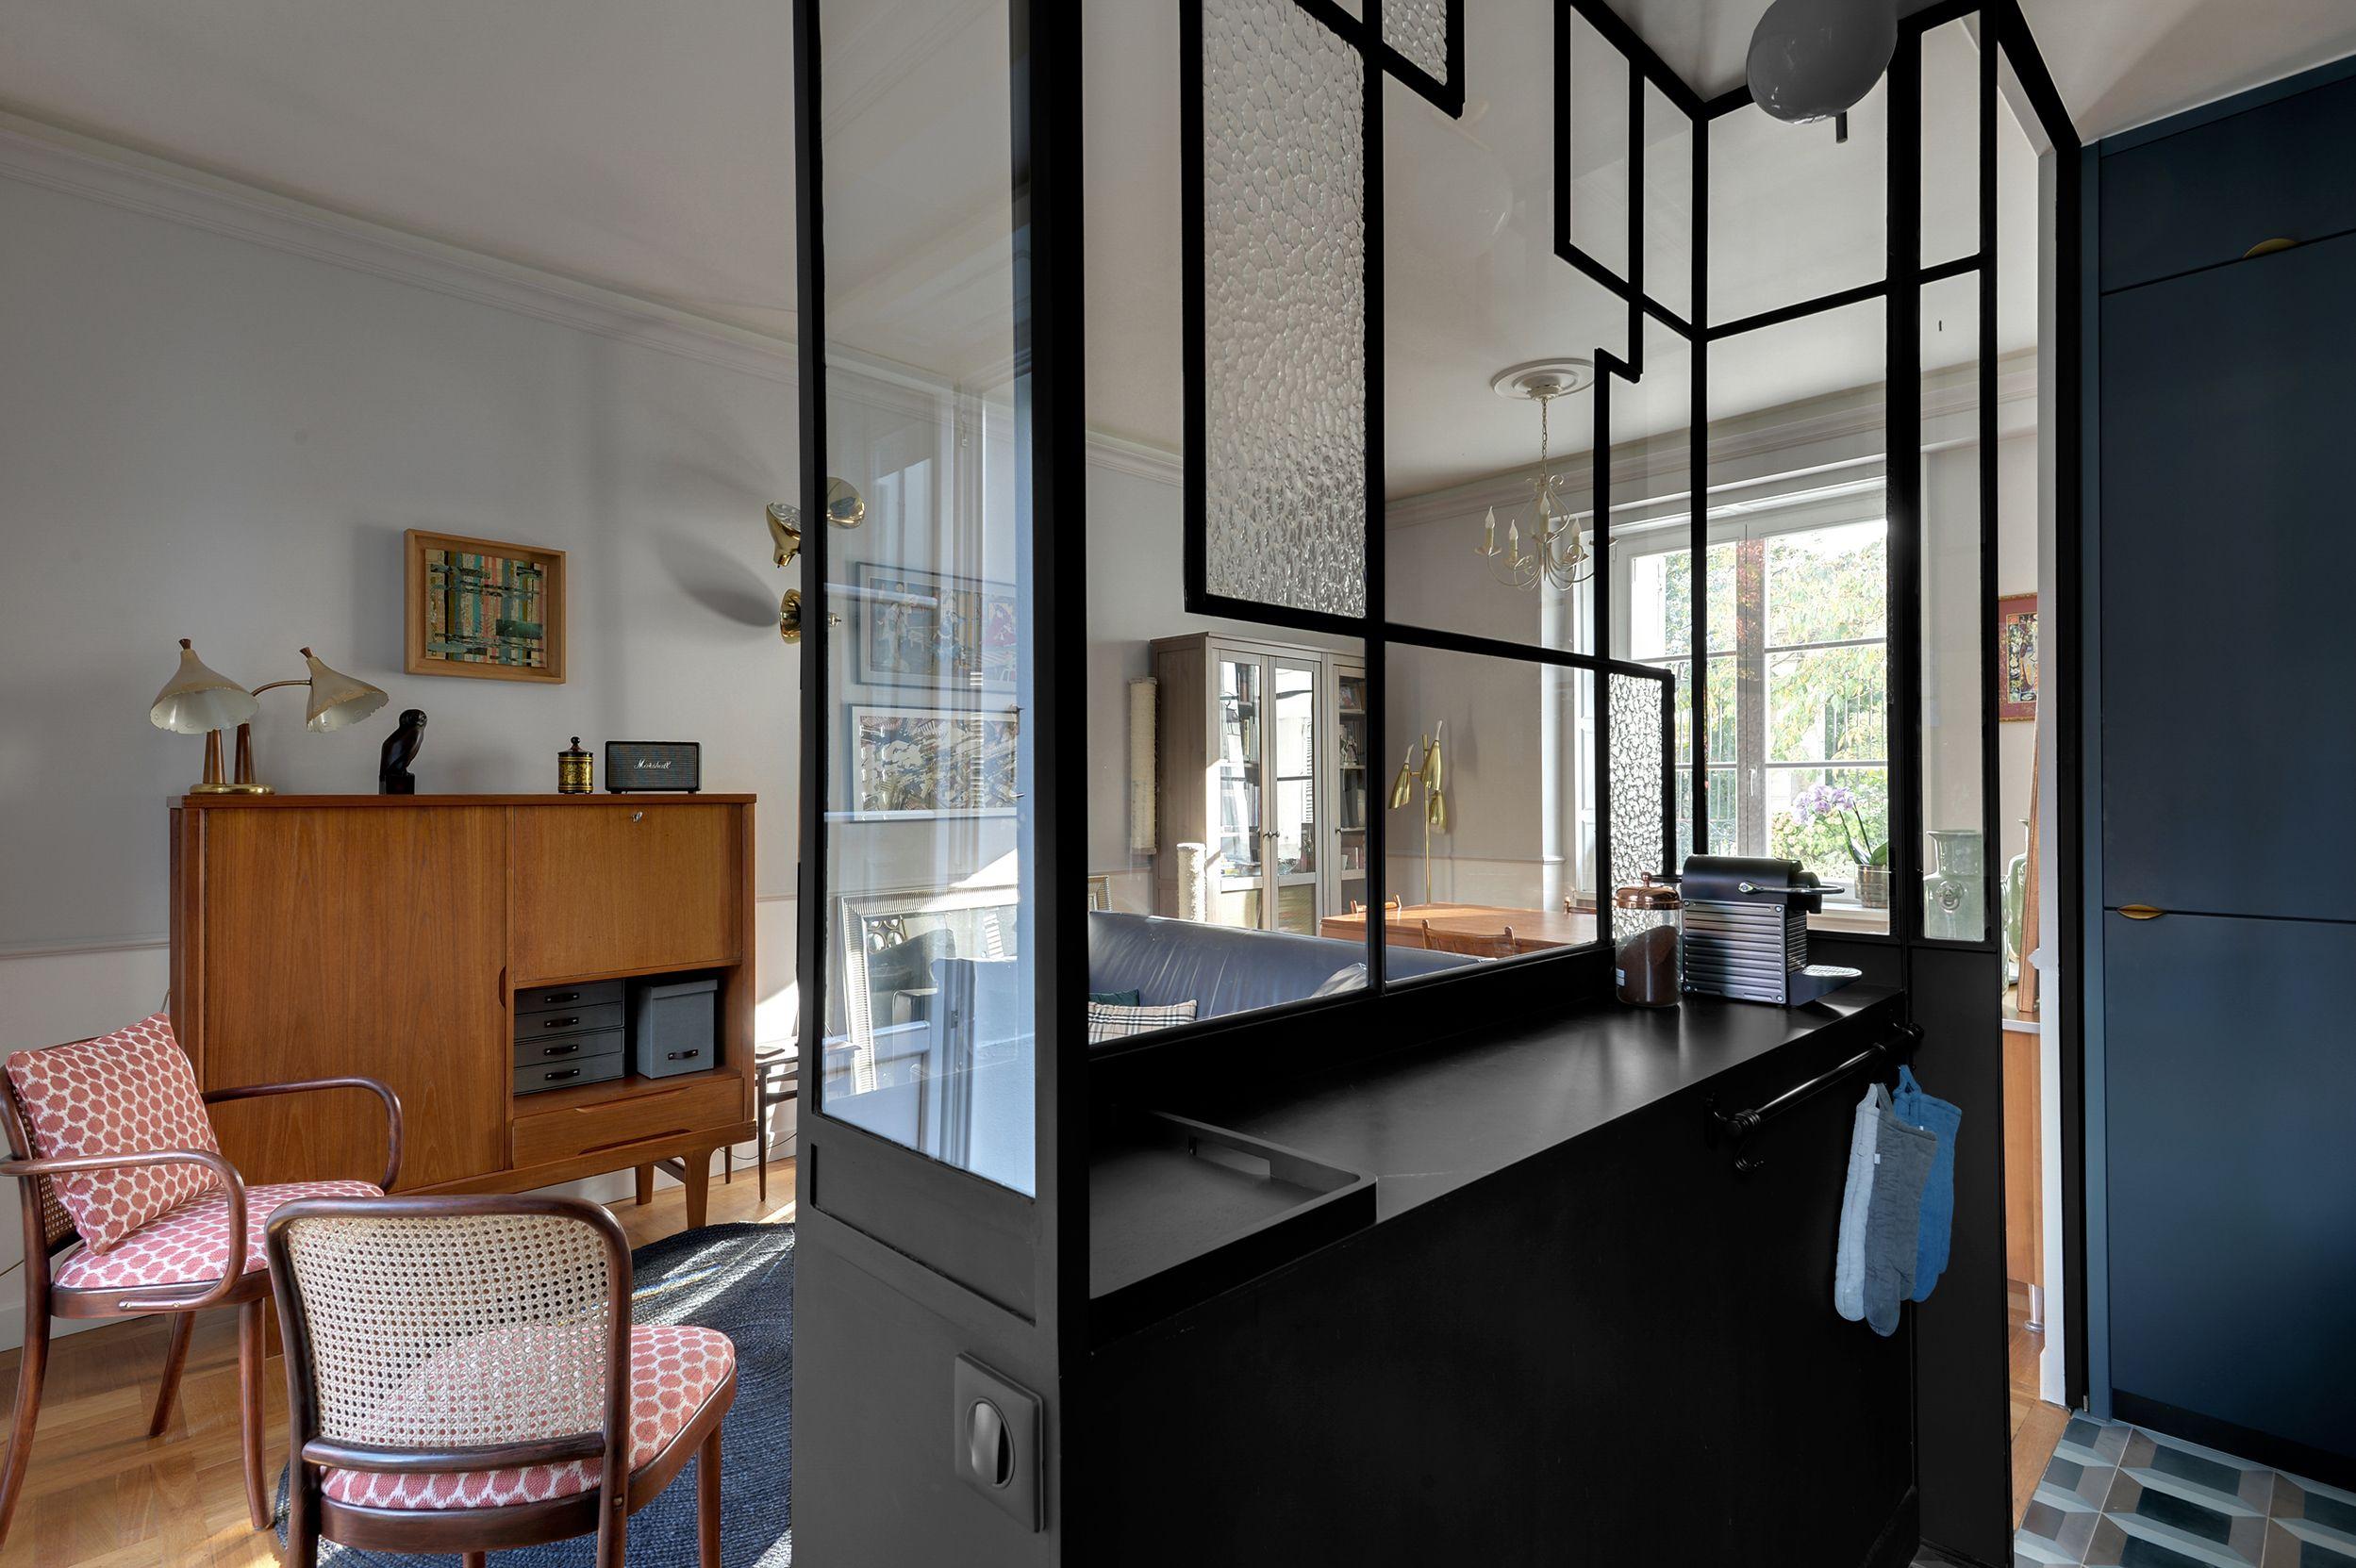 Transformation d un petit appartement parisien - Mariekke Claustra, Déco  Maison, Cote Maison bbbc3e77b98c